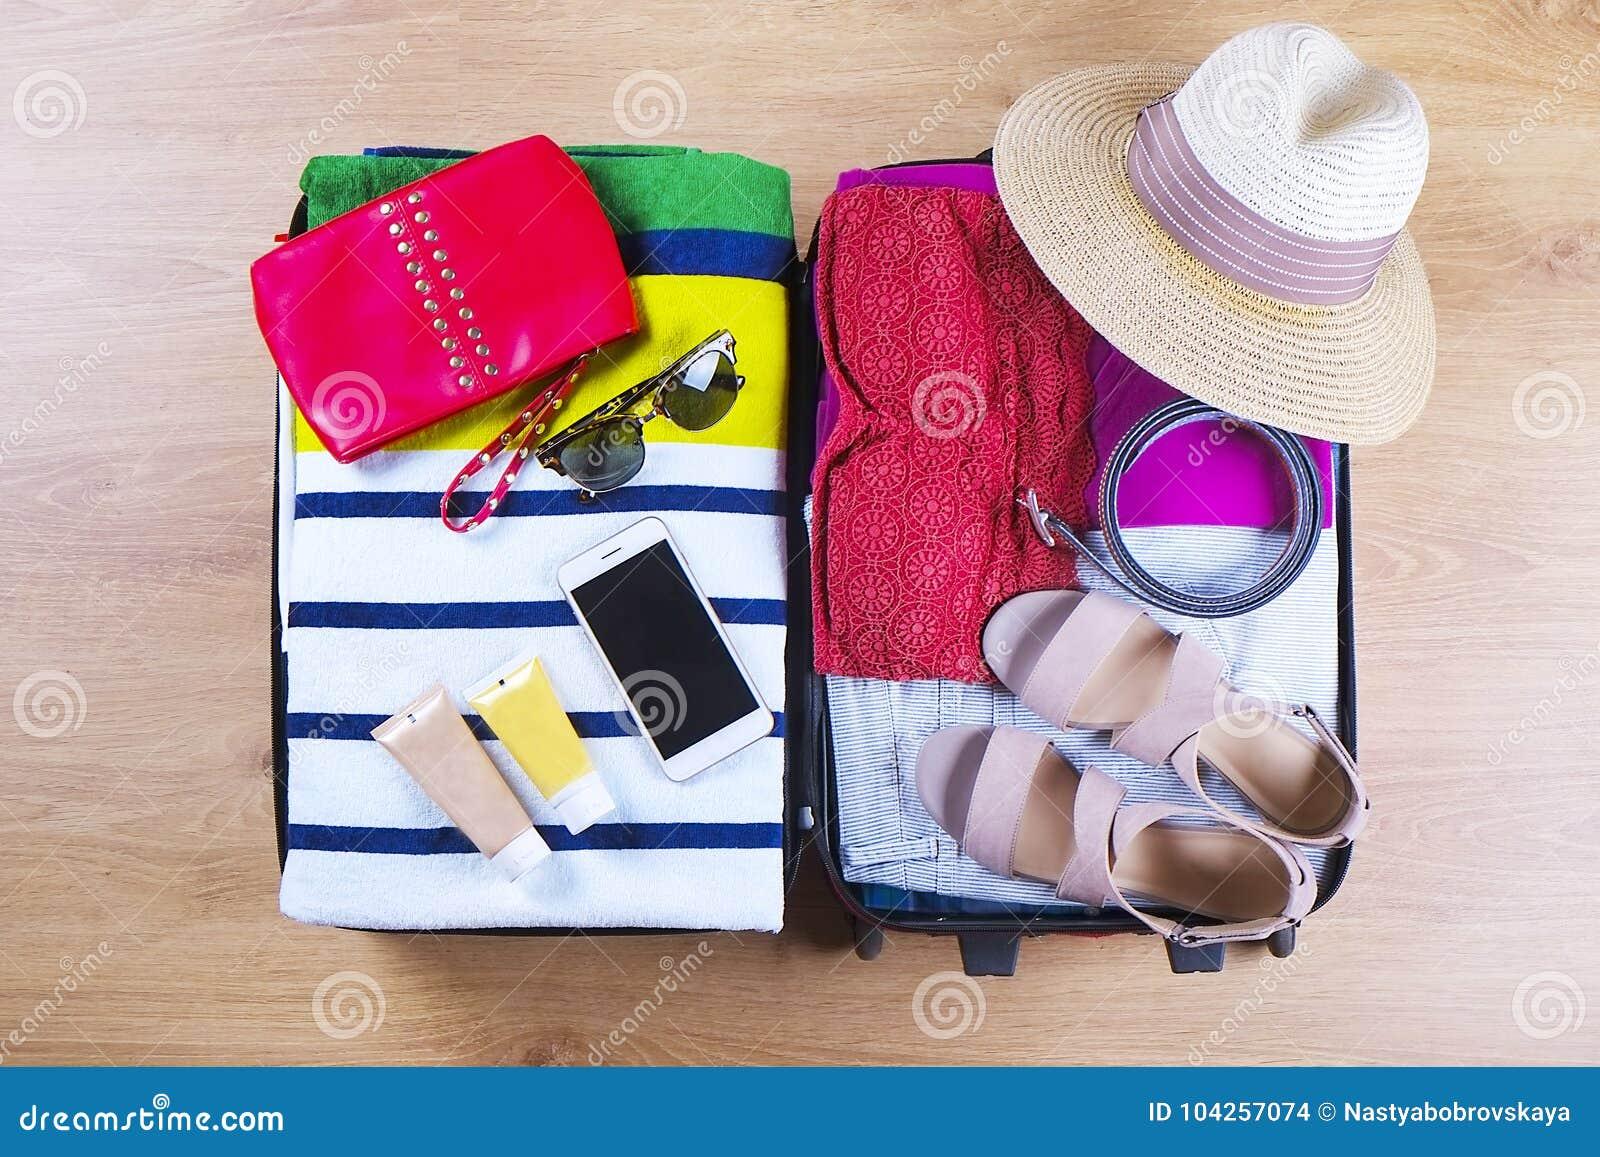 Open упаковал чемодан с женскими одеждами и аксессуарами лета, шляпой, солнечными очками, пляжным полотенцем, солнцезащитным крем